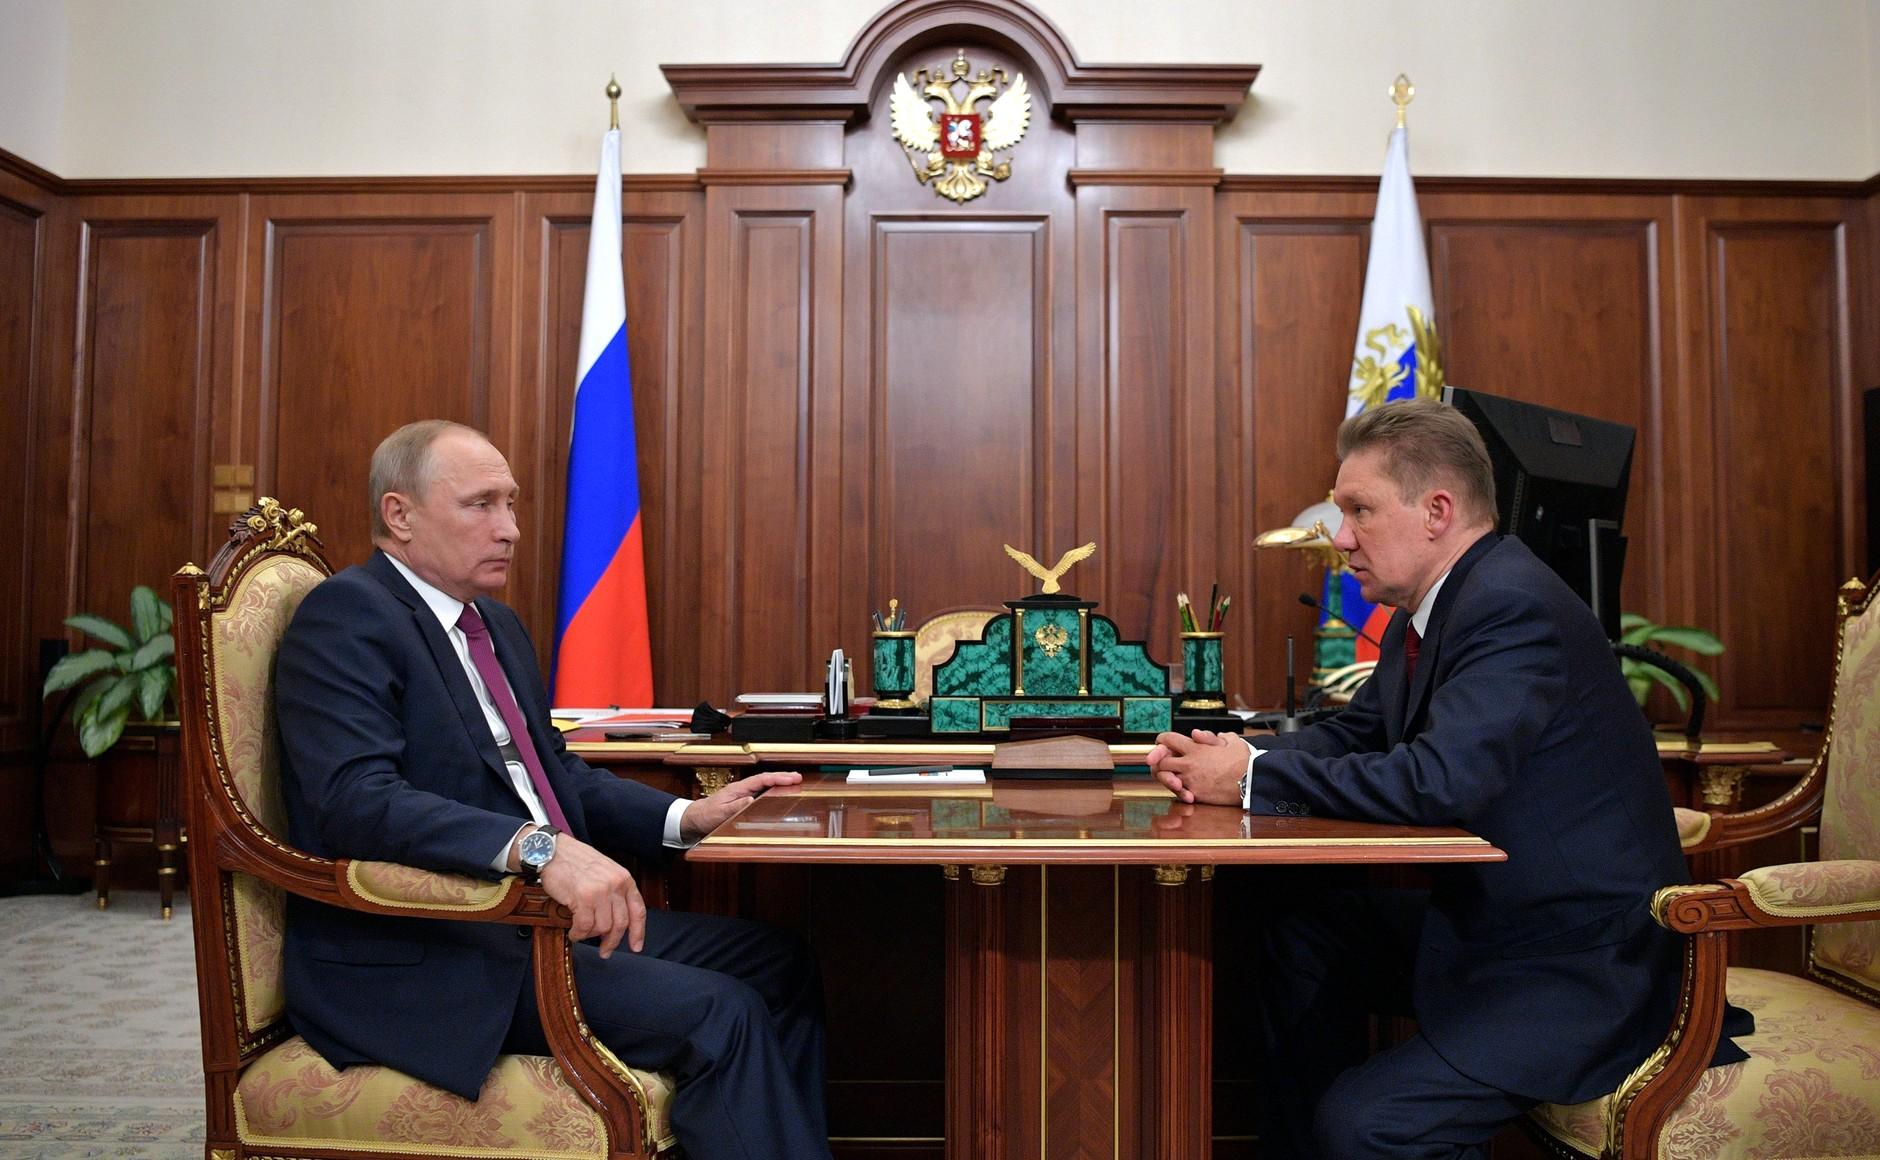 Алексей Миллер – Владимиру Путину: «Хотелось бы отметить Ярославскую область